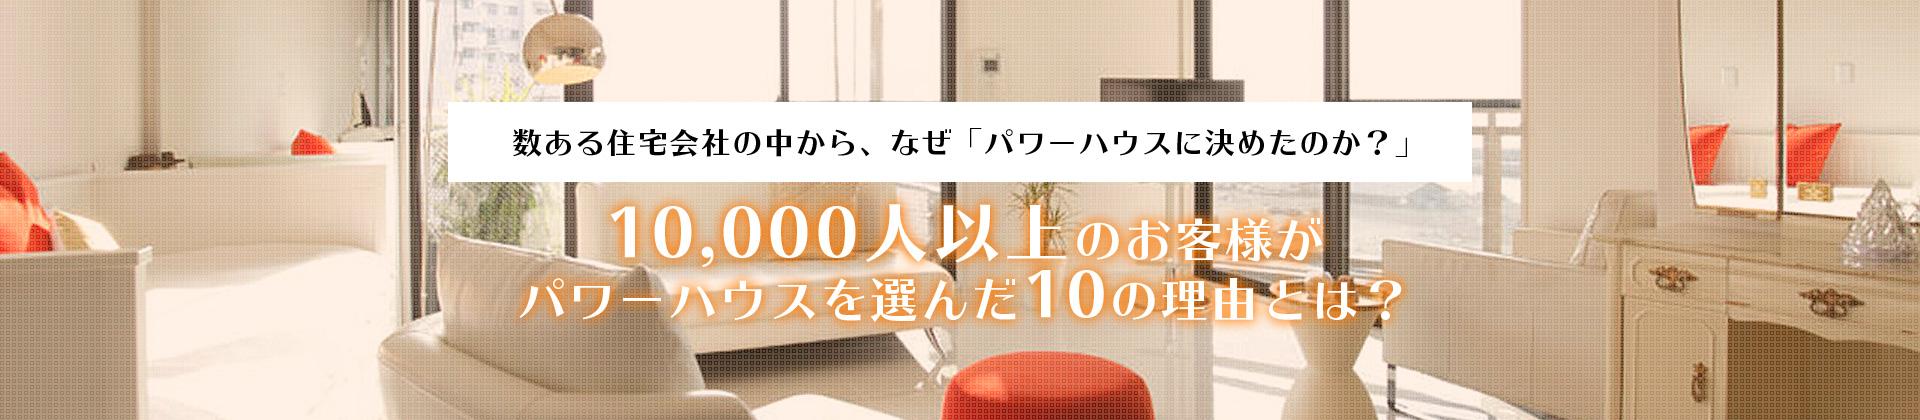 数ある住宅会社の中から、なぜ「パワーハウスに決めたのか?」10,000人以上のお客様がパワーハウスを選んだ10の理由とは?